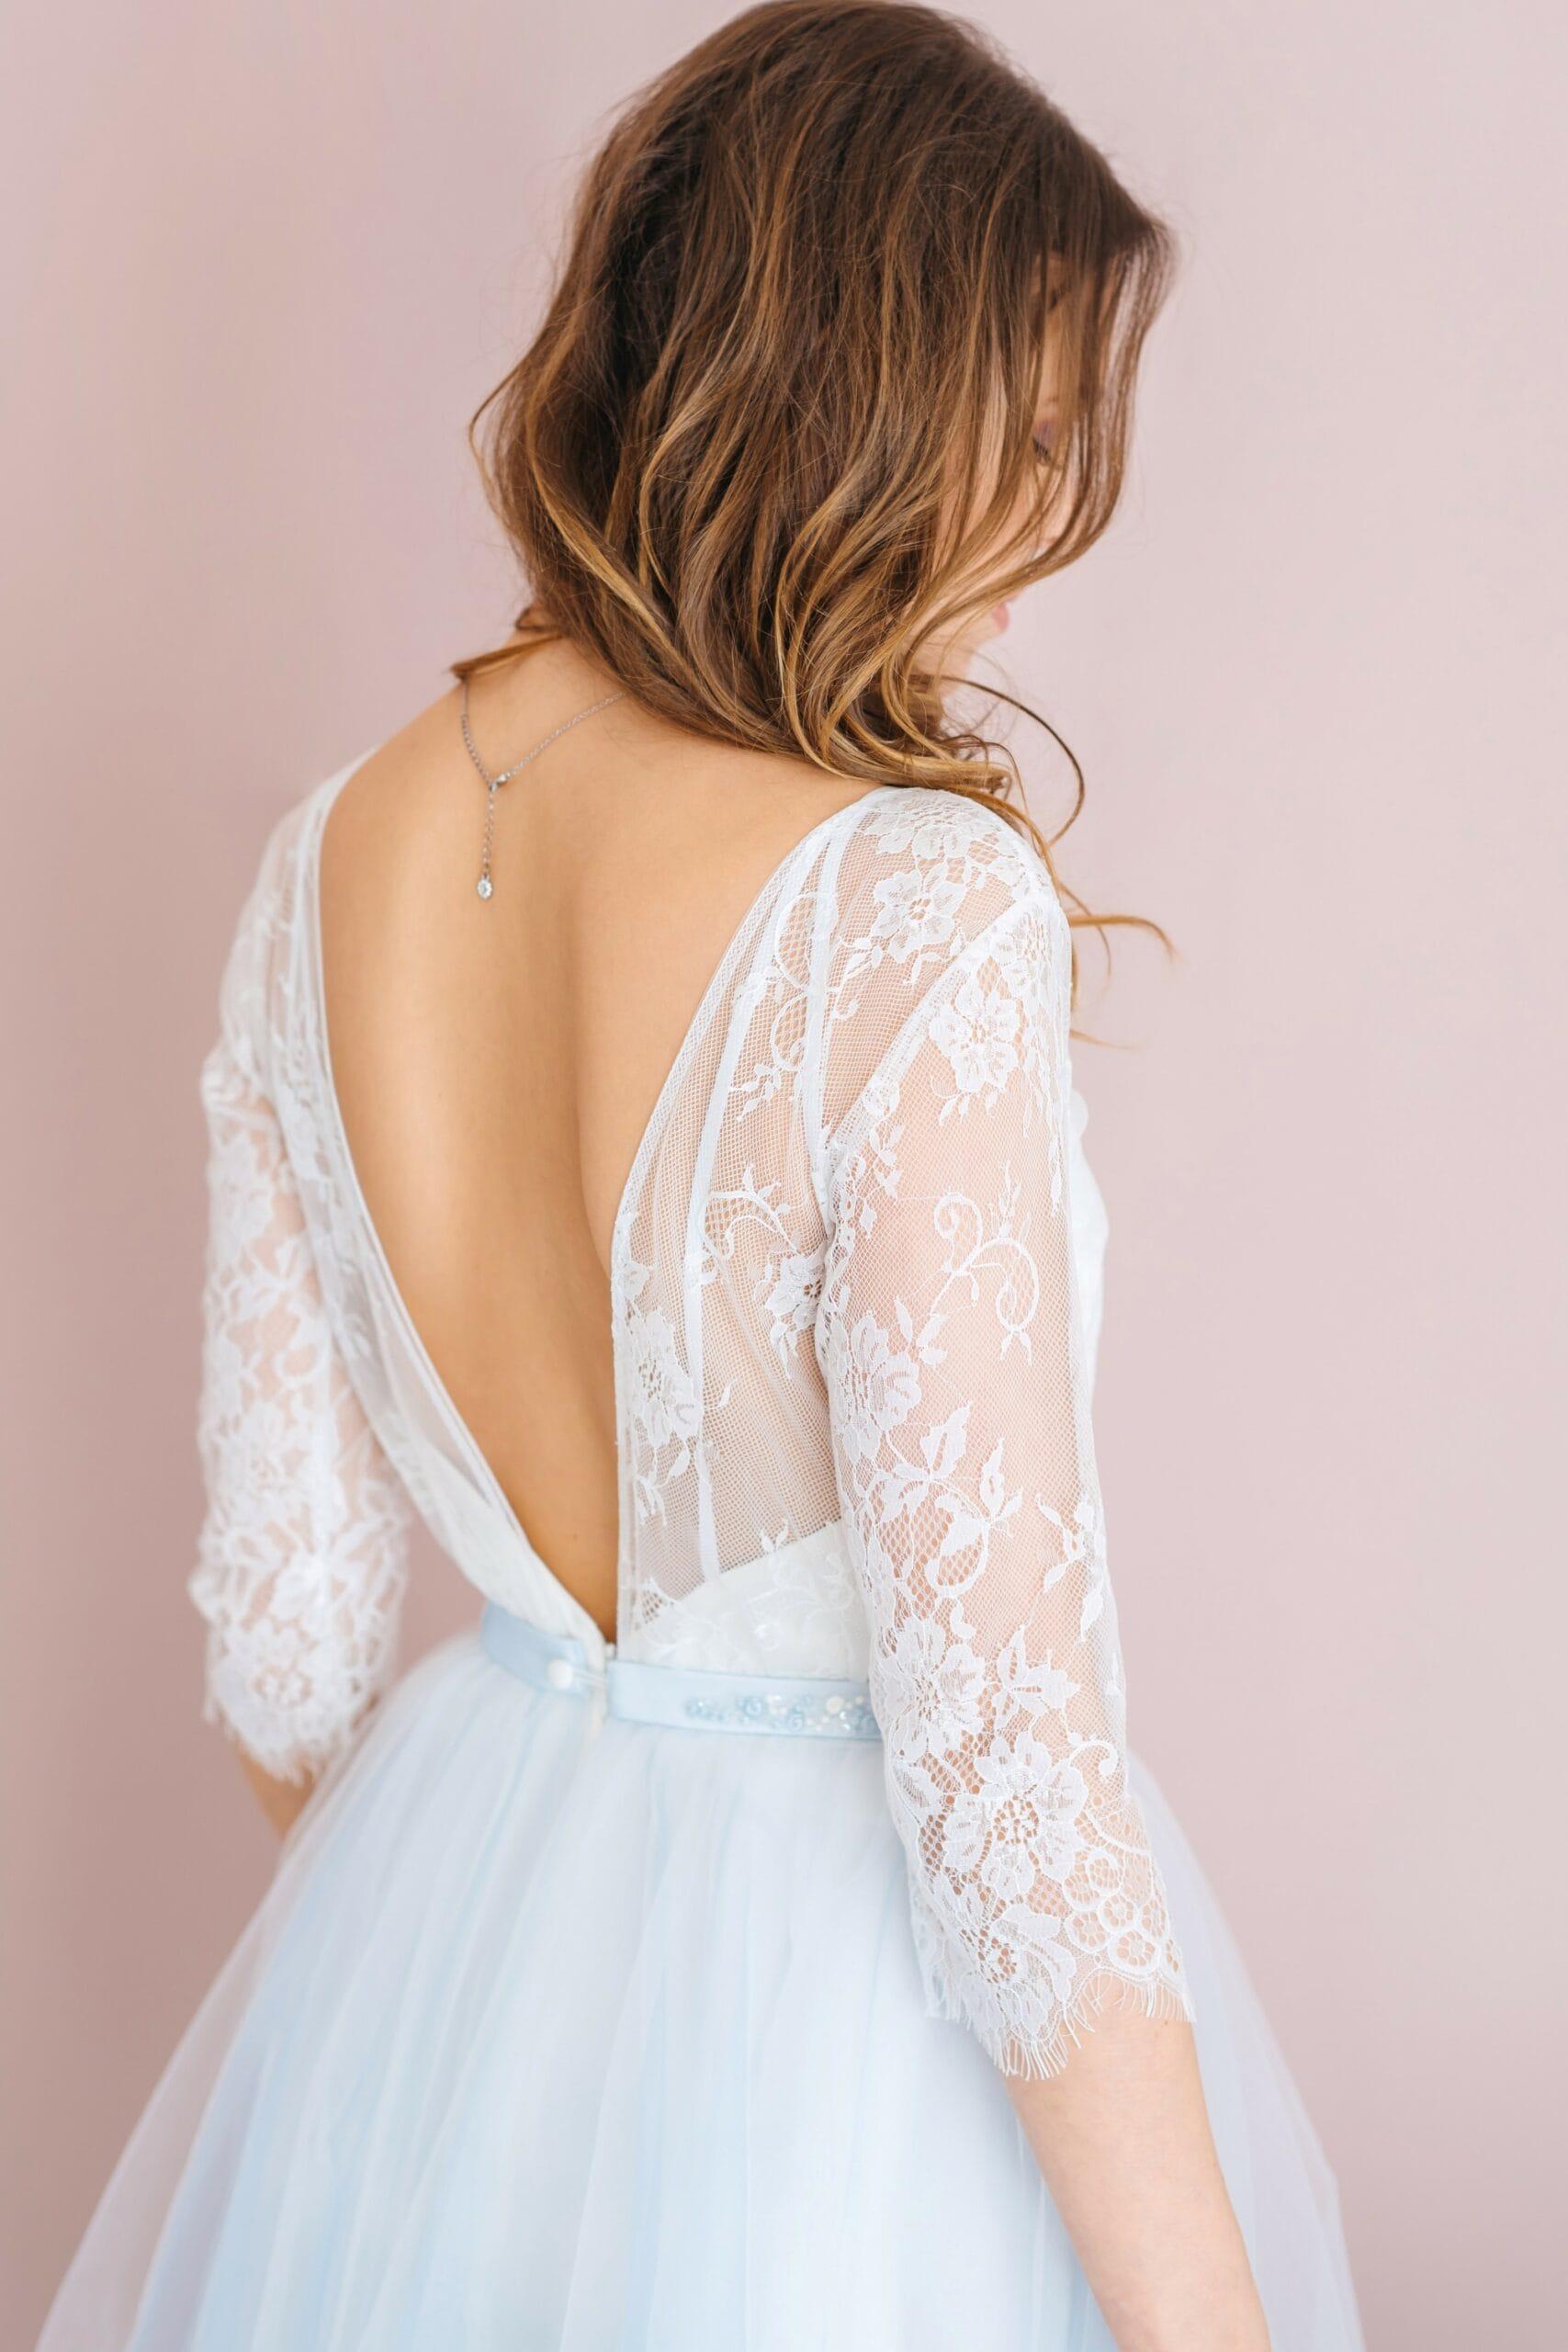 Свадебное платье LANA, коллекция LOFT, бренд RARE BRIDAL, фото 4